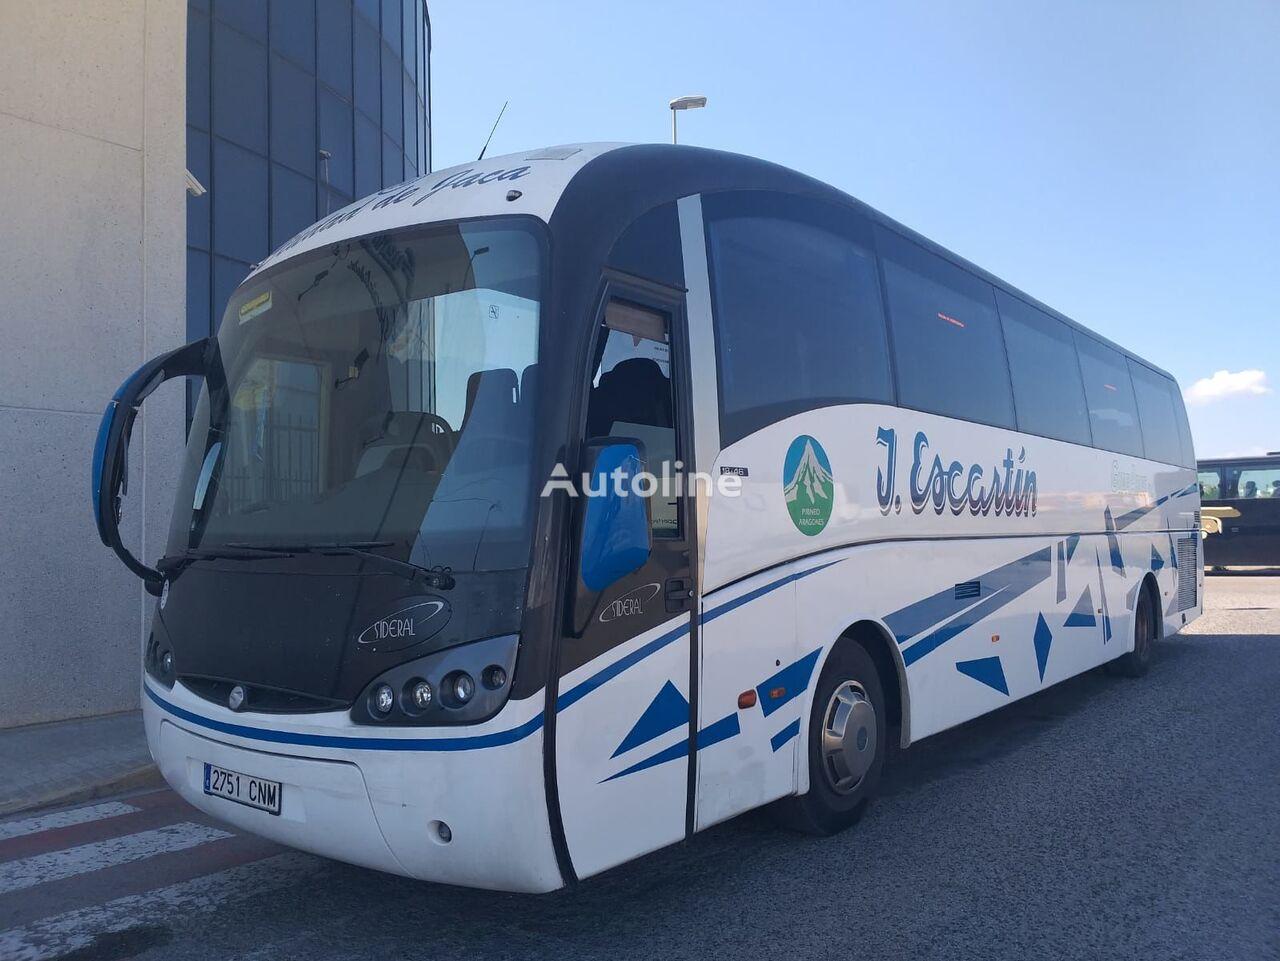 MAN 18-460 coach bus